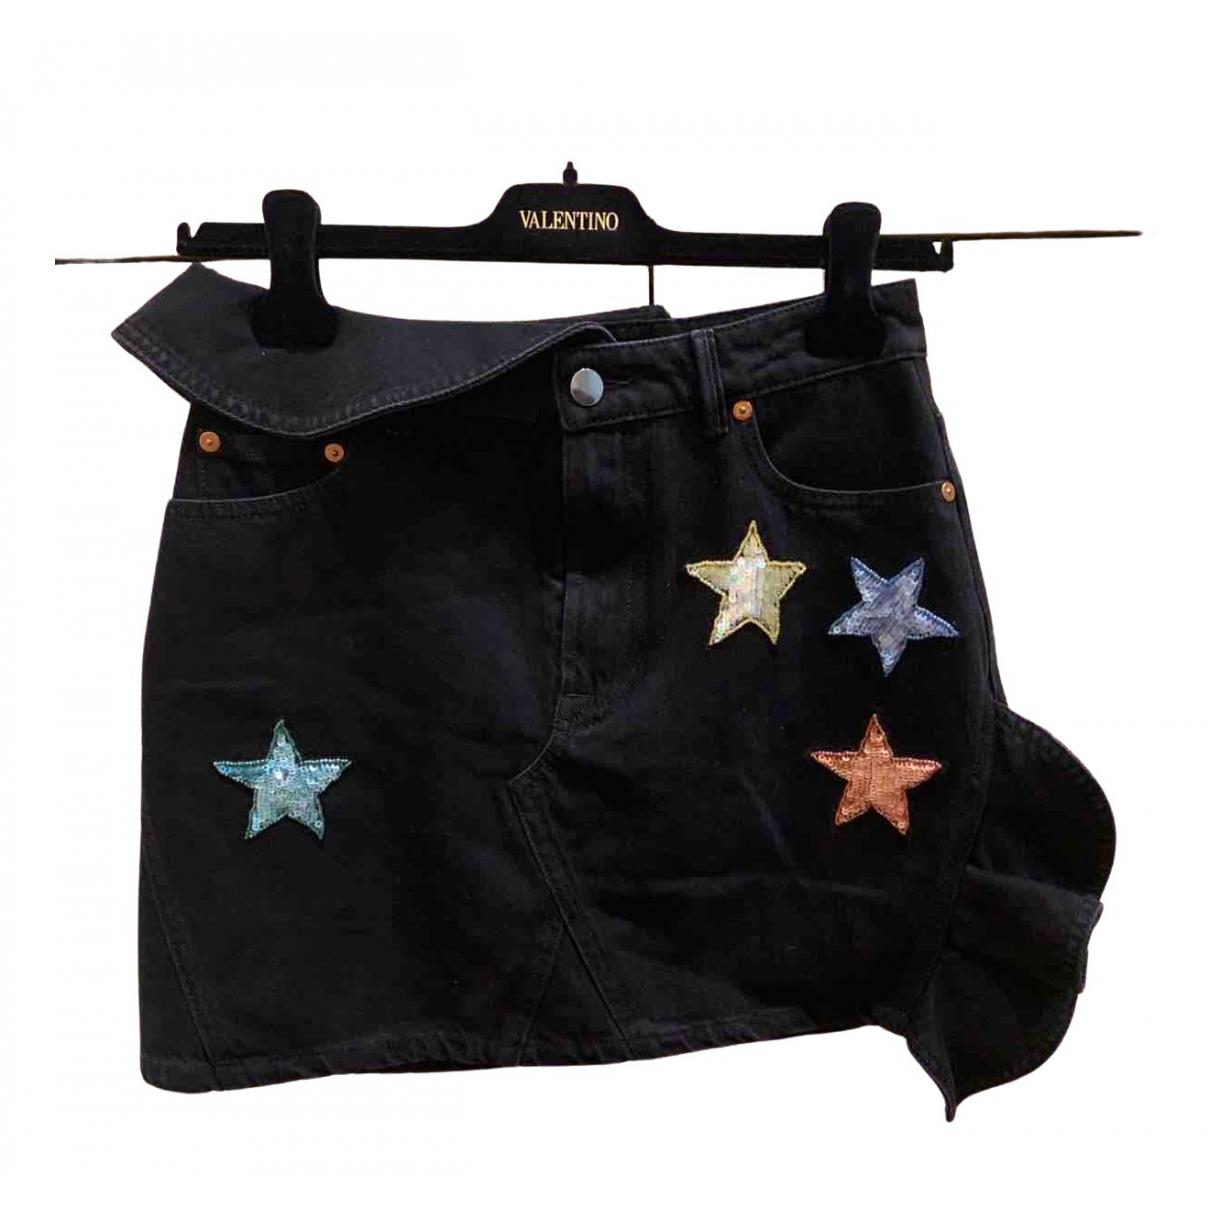 Valentino Garavani \N Black Denim - Jeans skirt for Women 36 FR